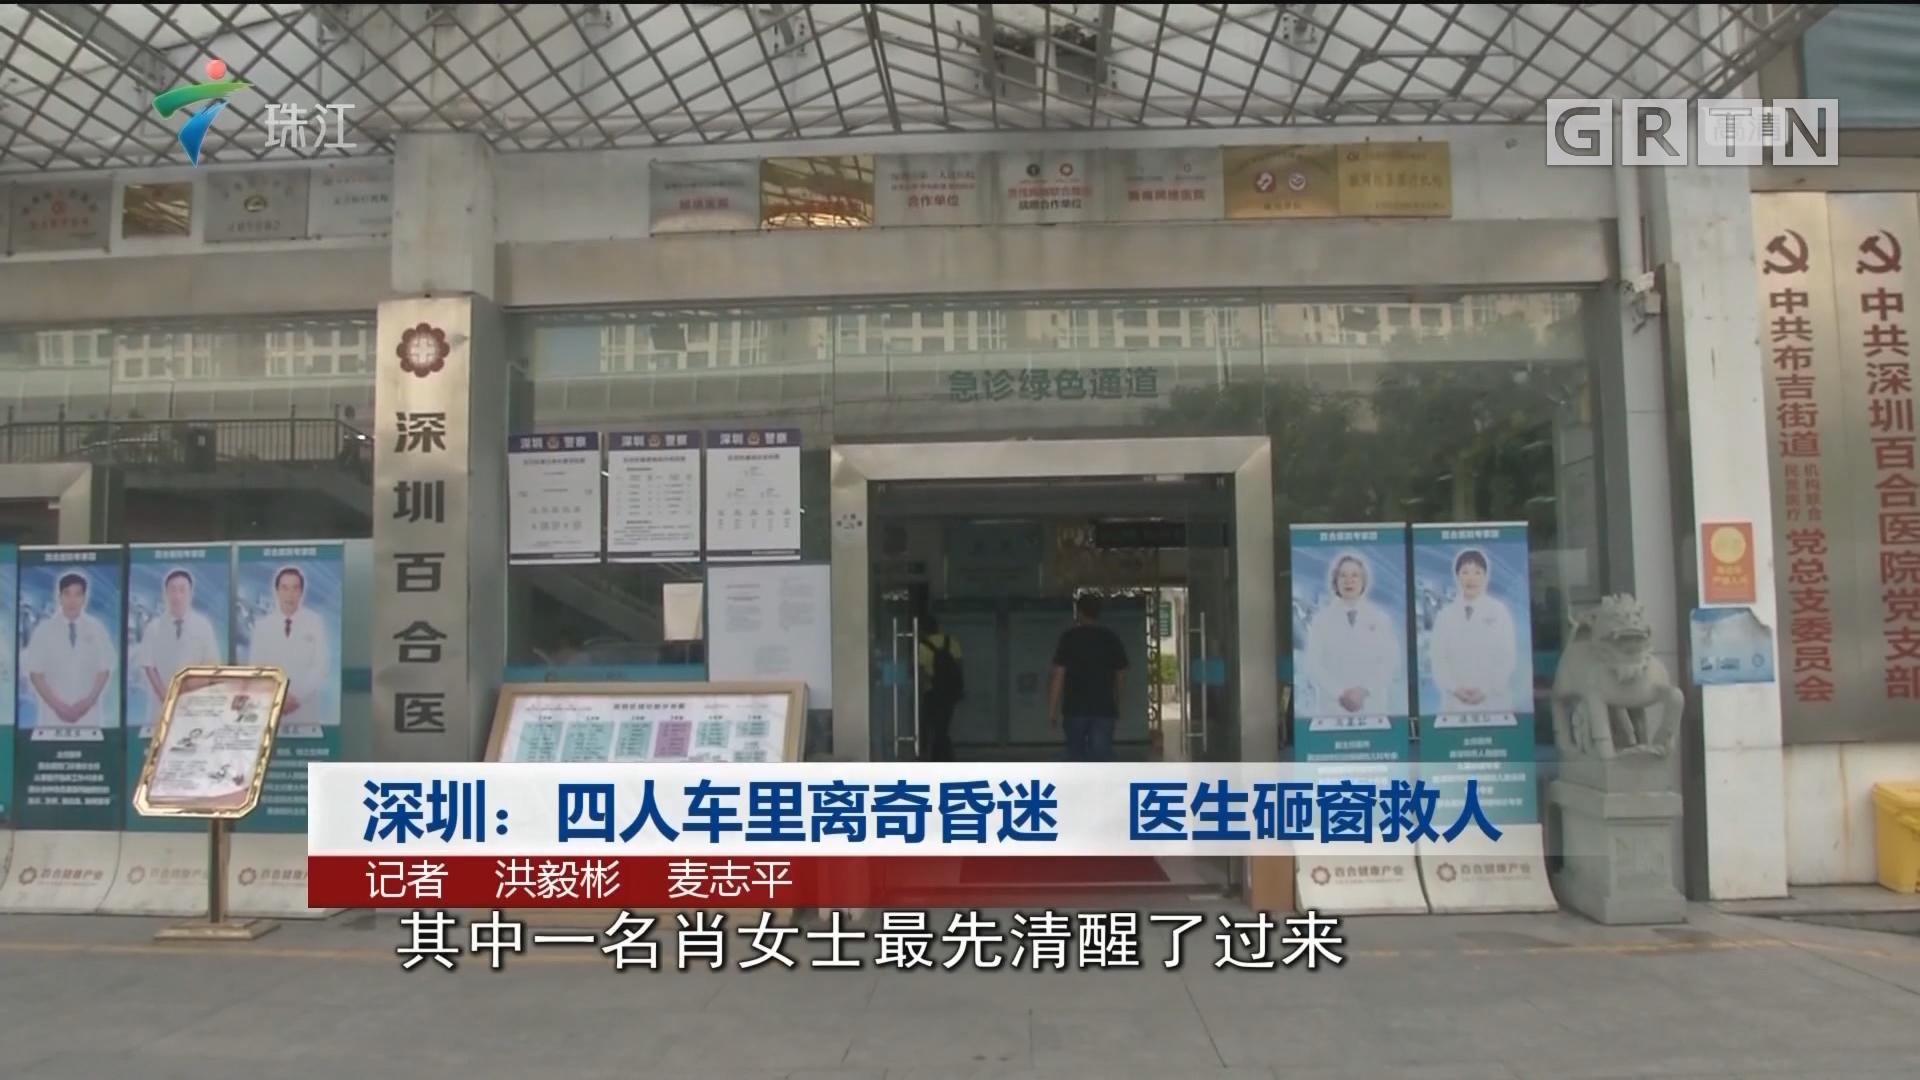 深圳:四人车里离奇昏迷 医生砸窗救人